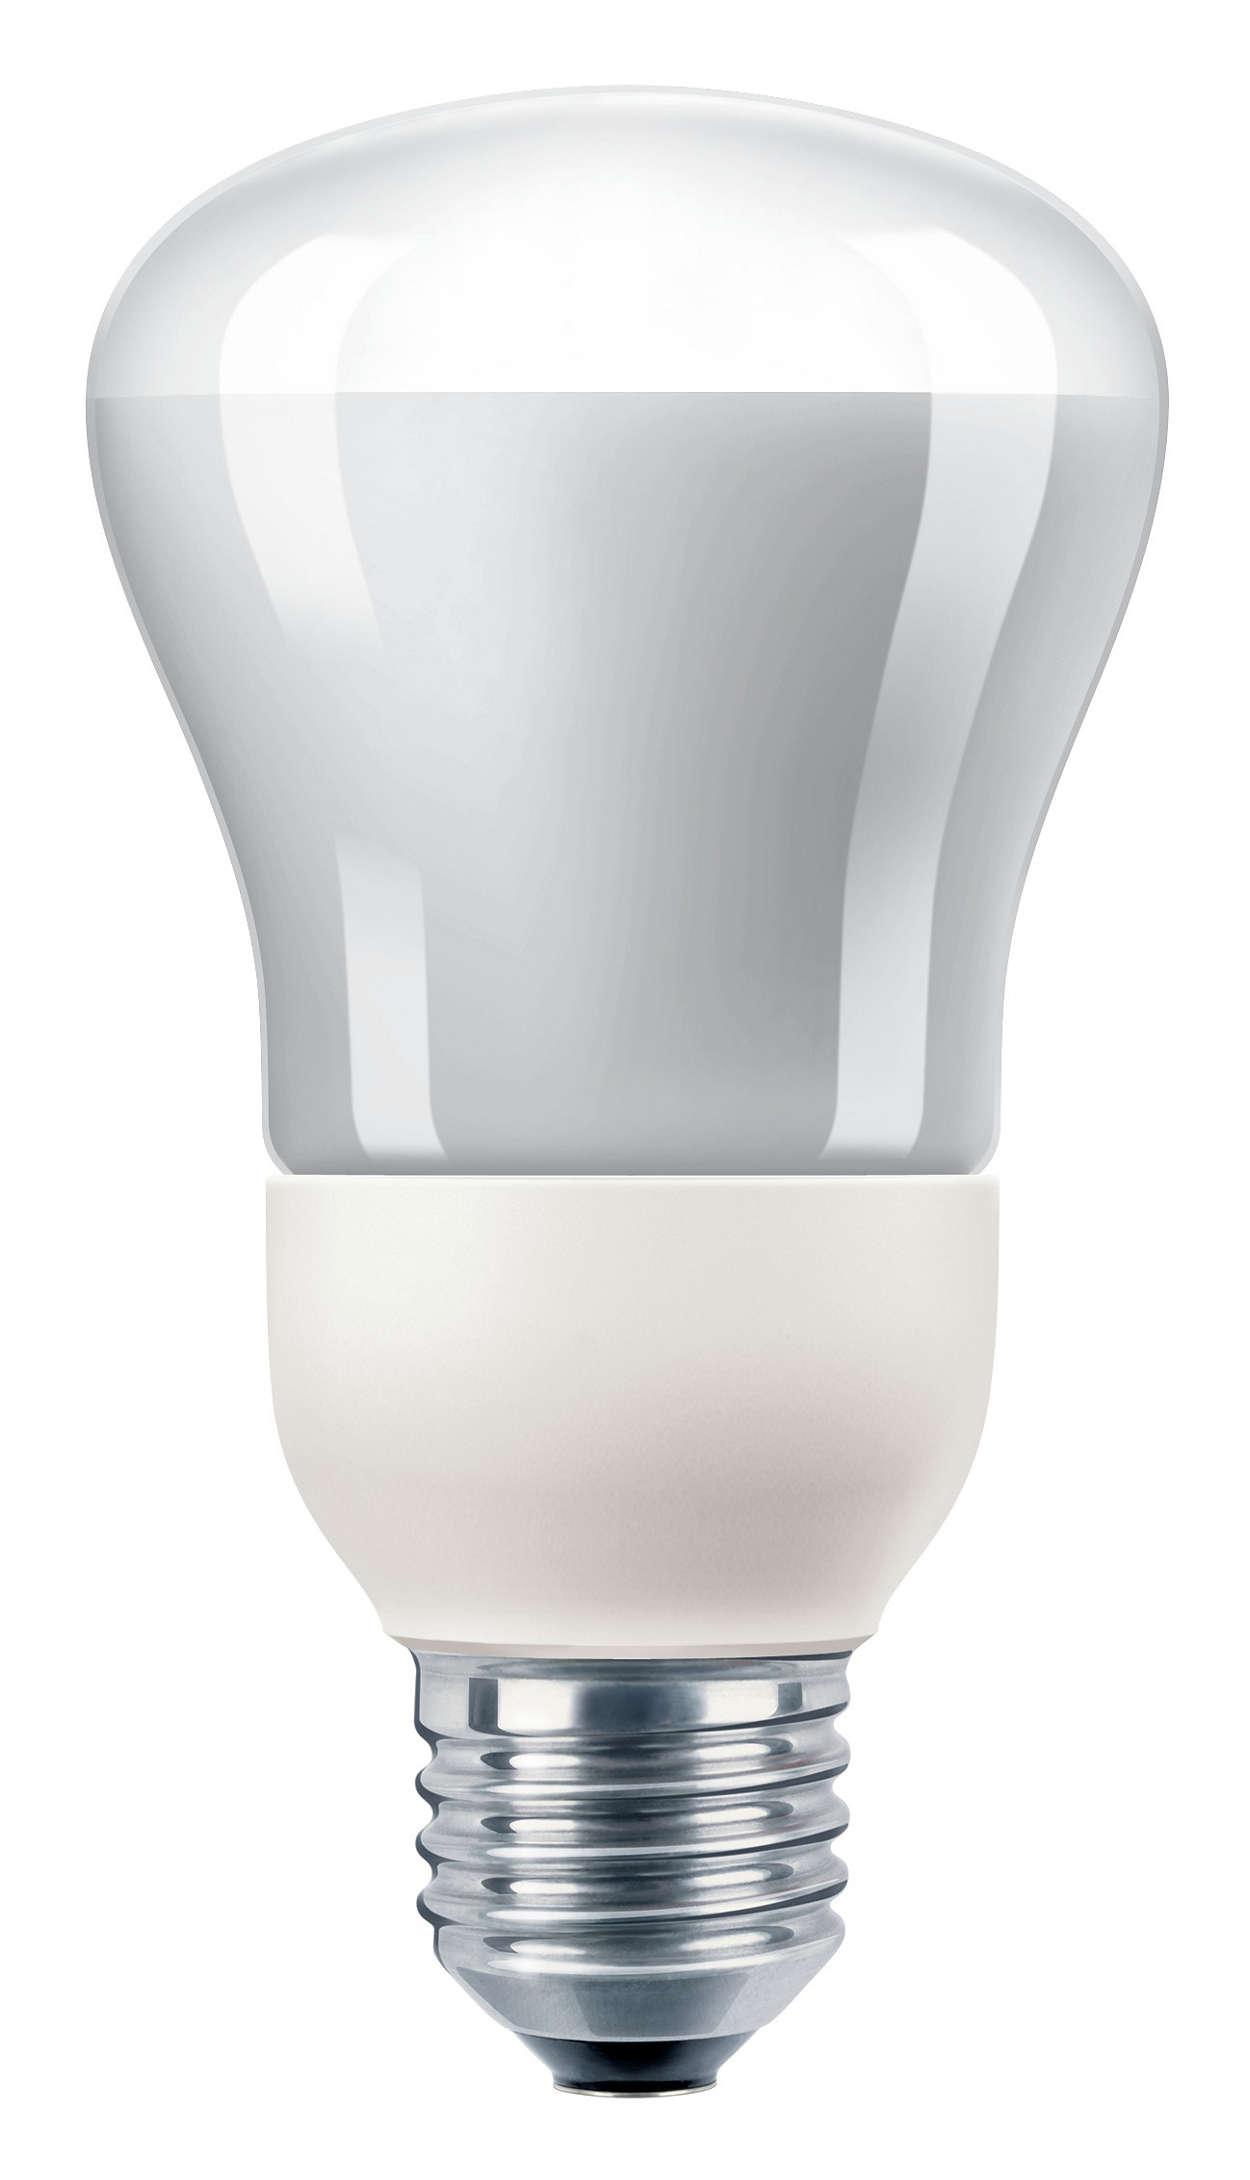 Εξοικονόμηση ενέργειας με σποτ